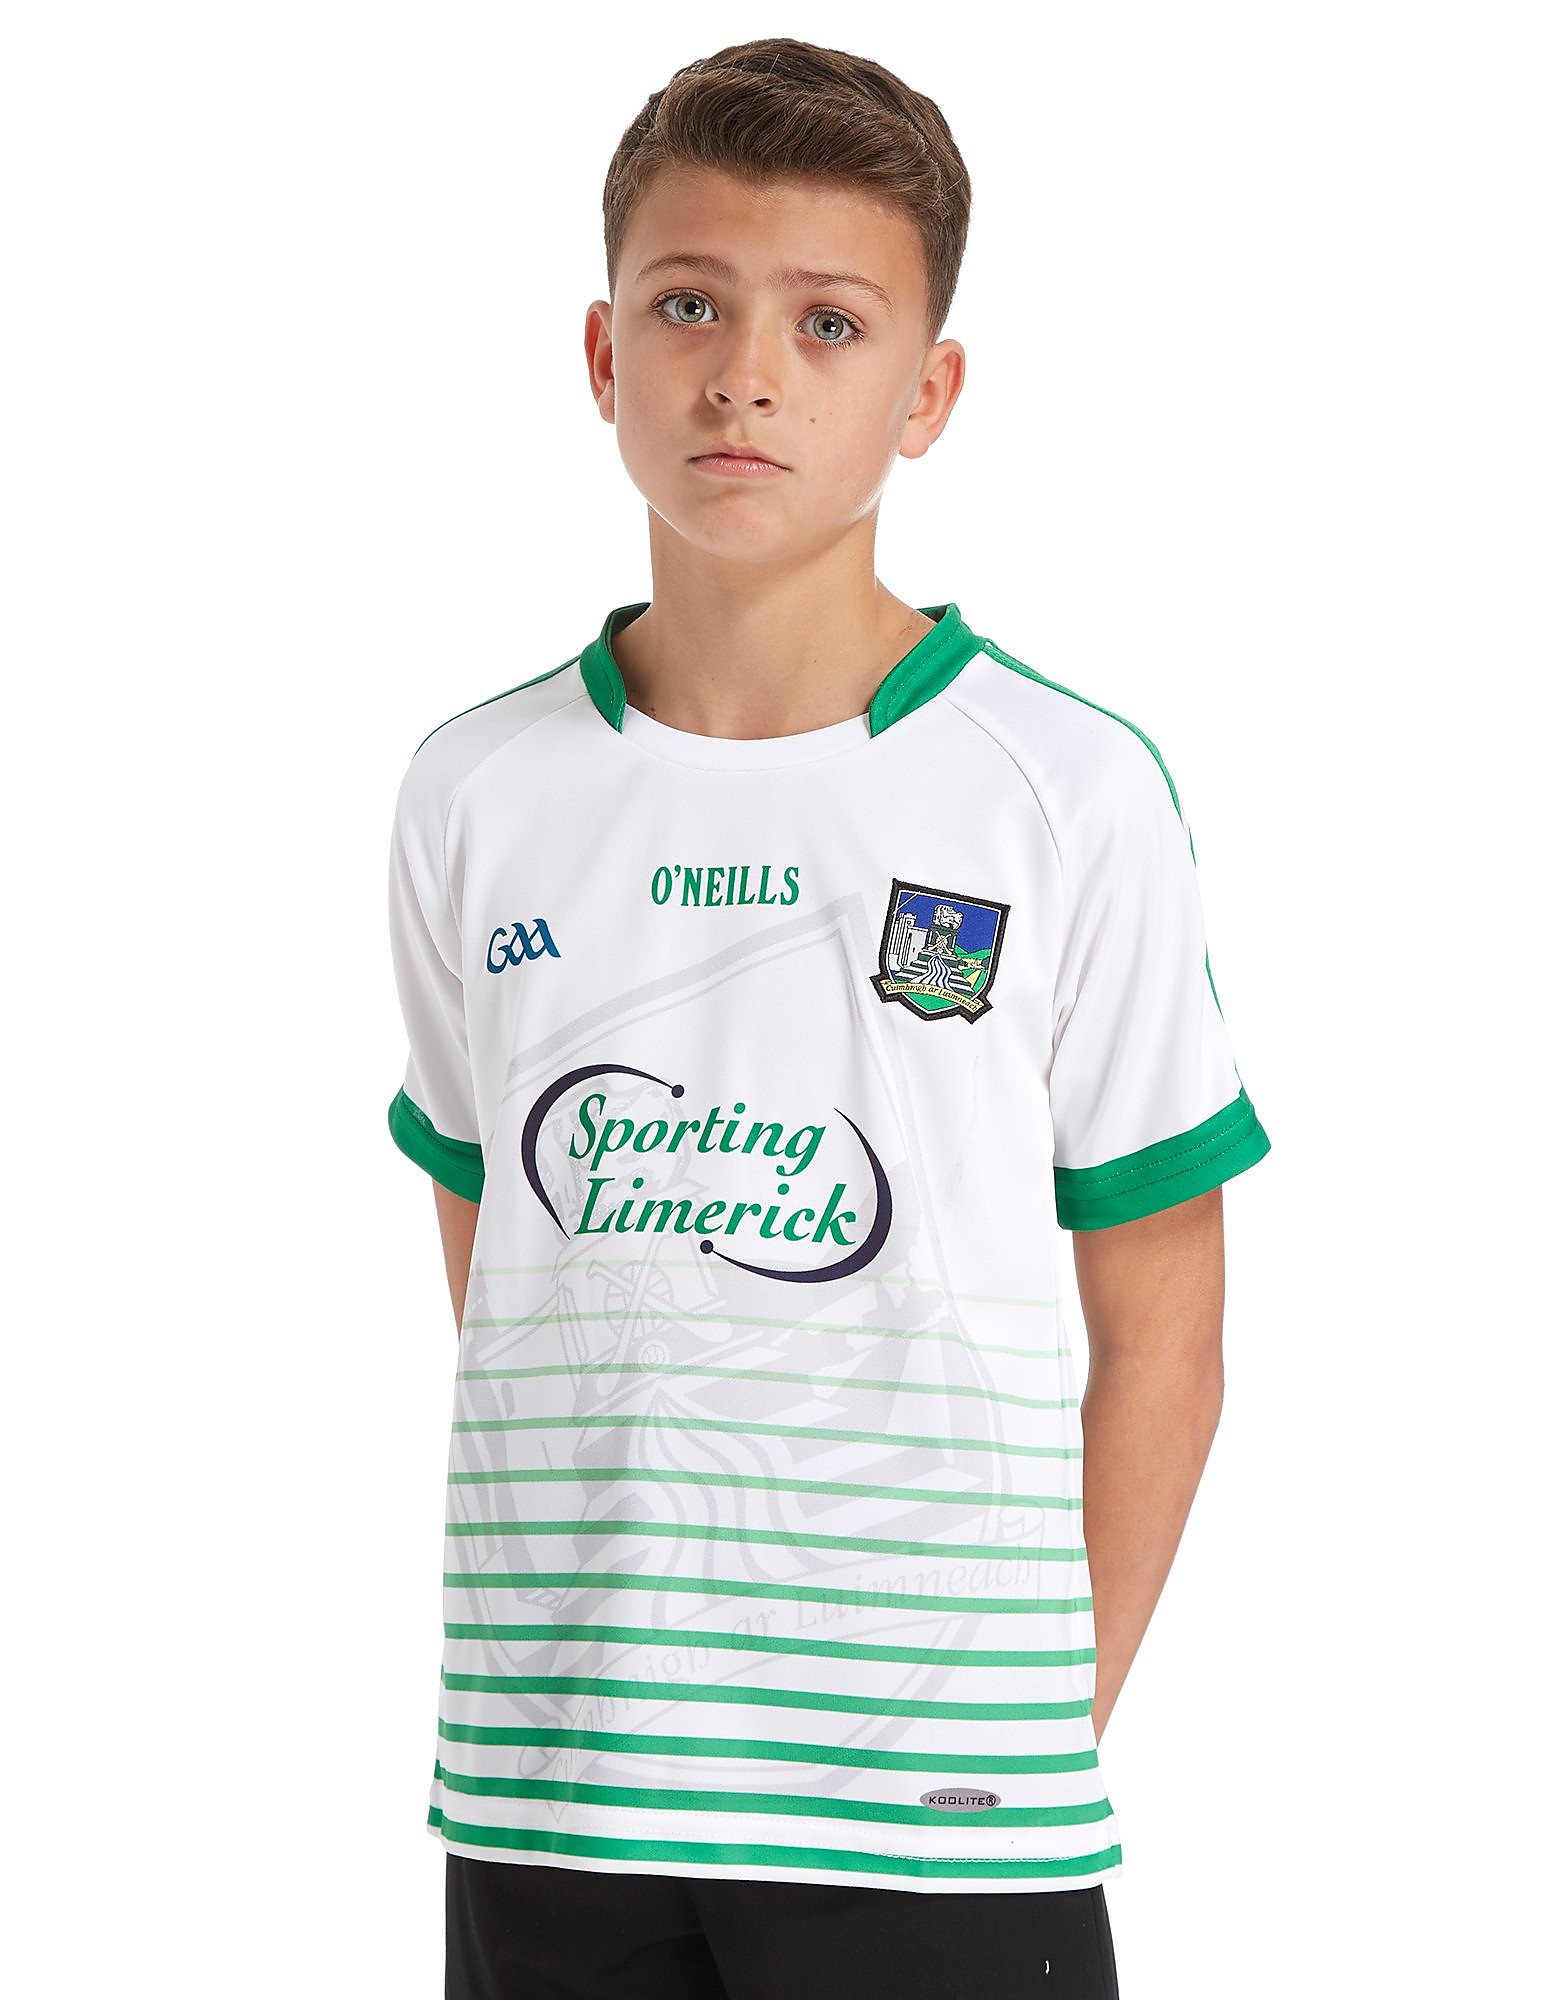 O'Neills Limerick 2017/18 Goalkeeper Shirt